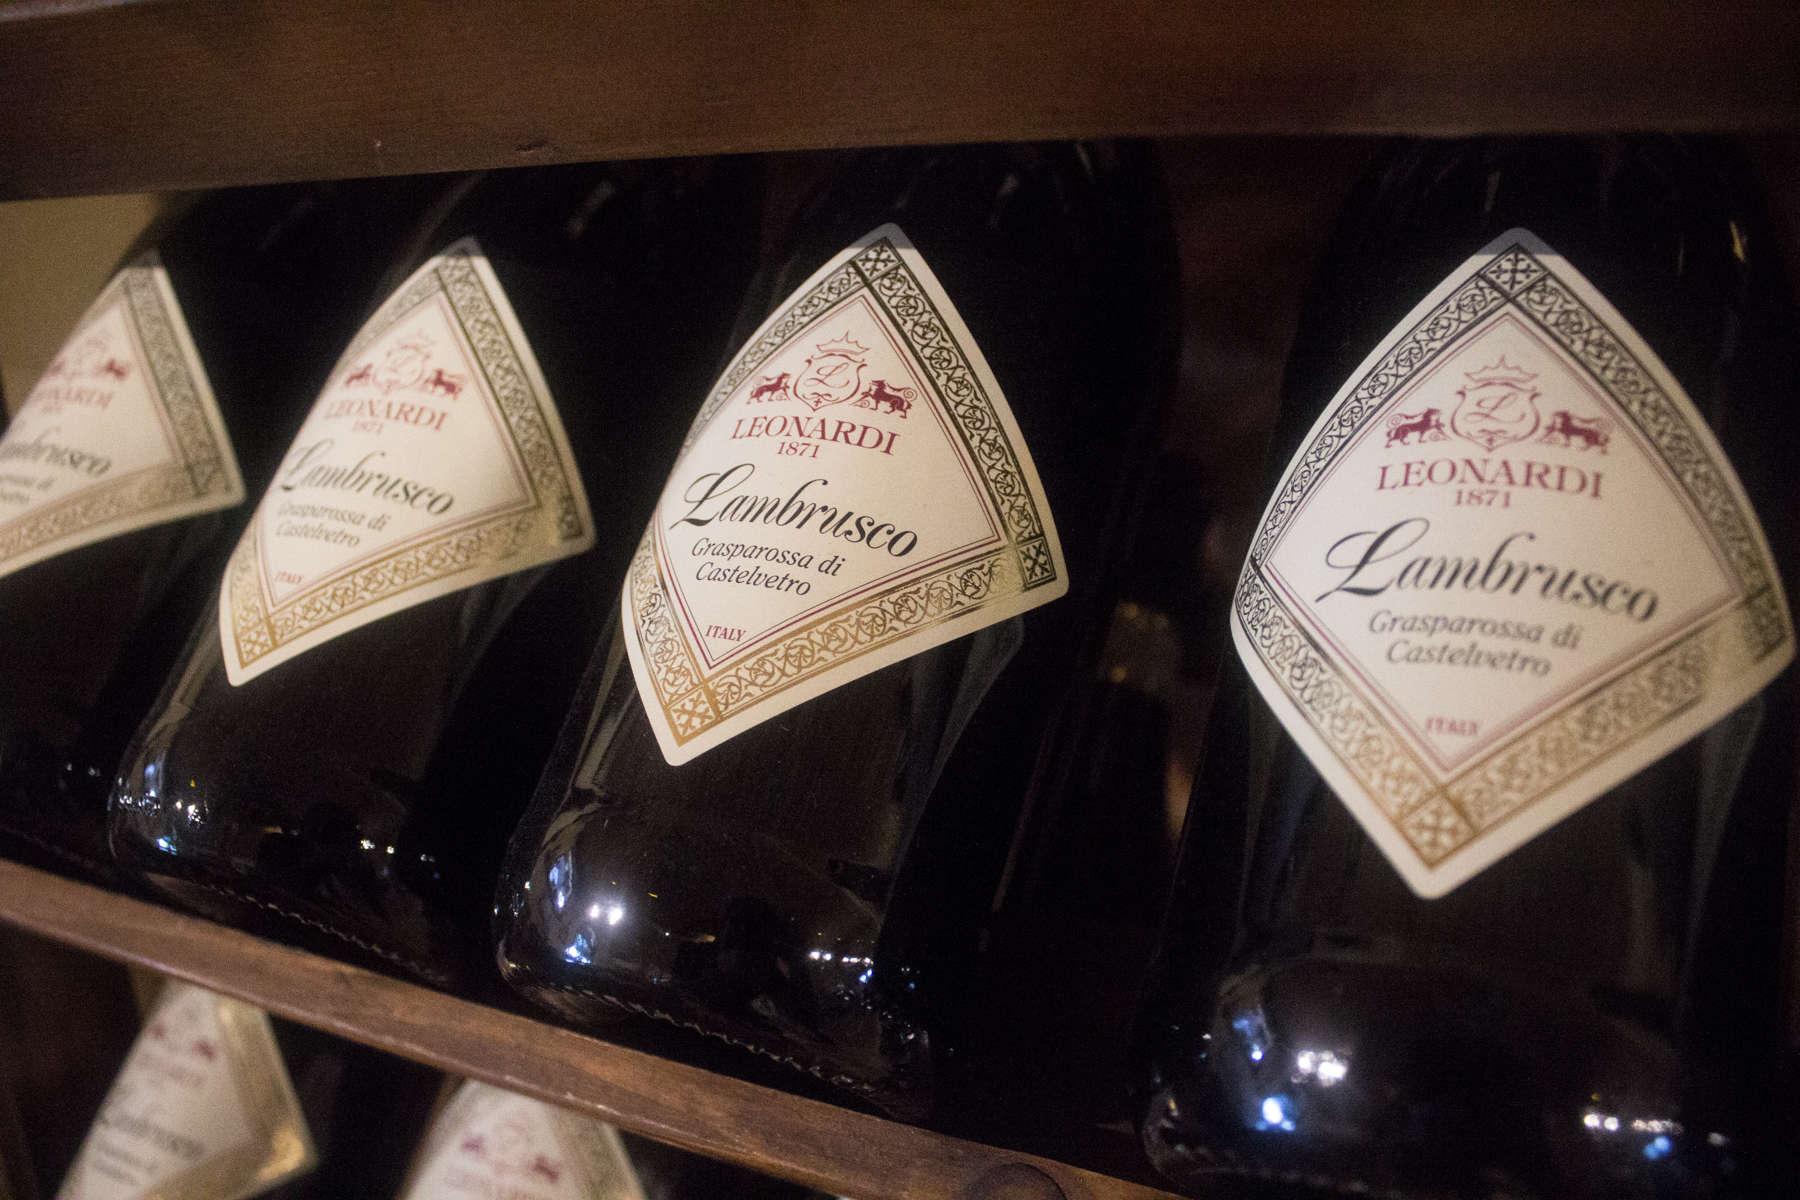 Perlende Lambrusco-vin produceret på druer fra Leonardis egen vingård